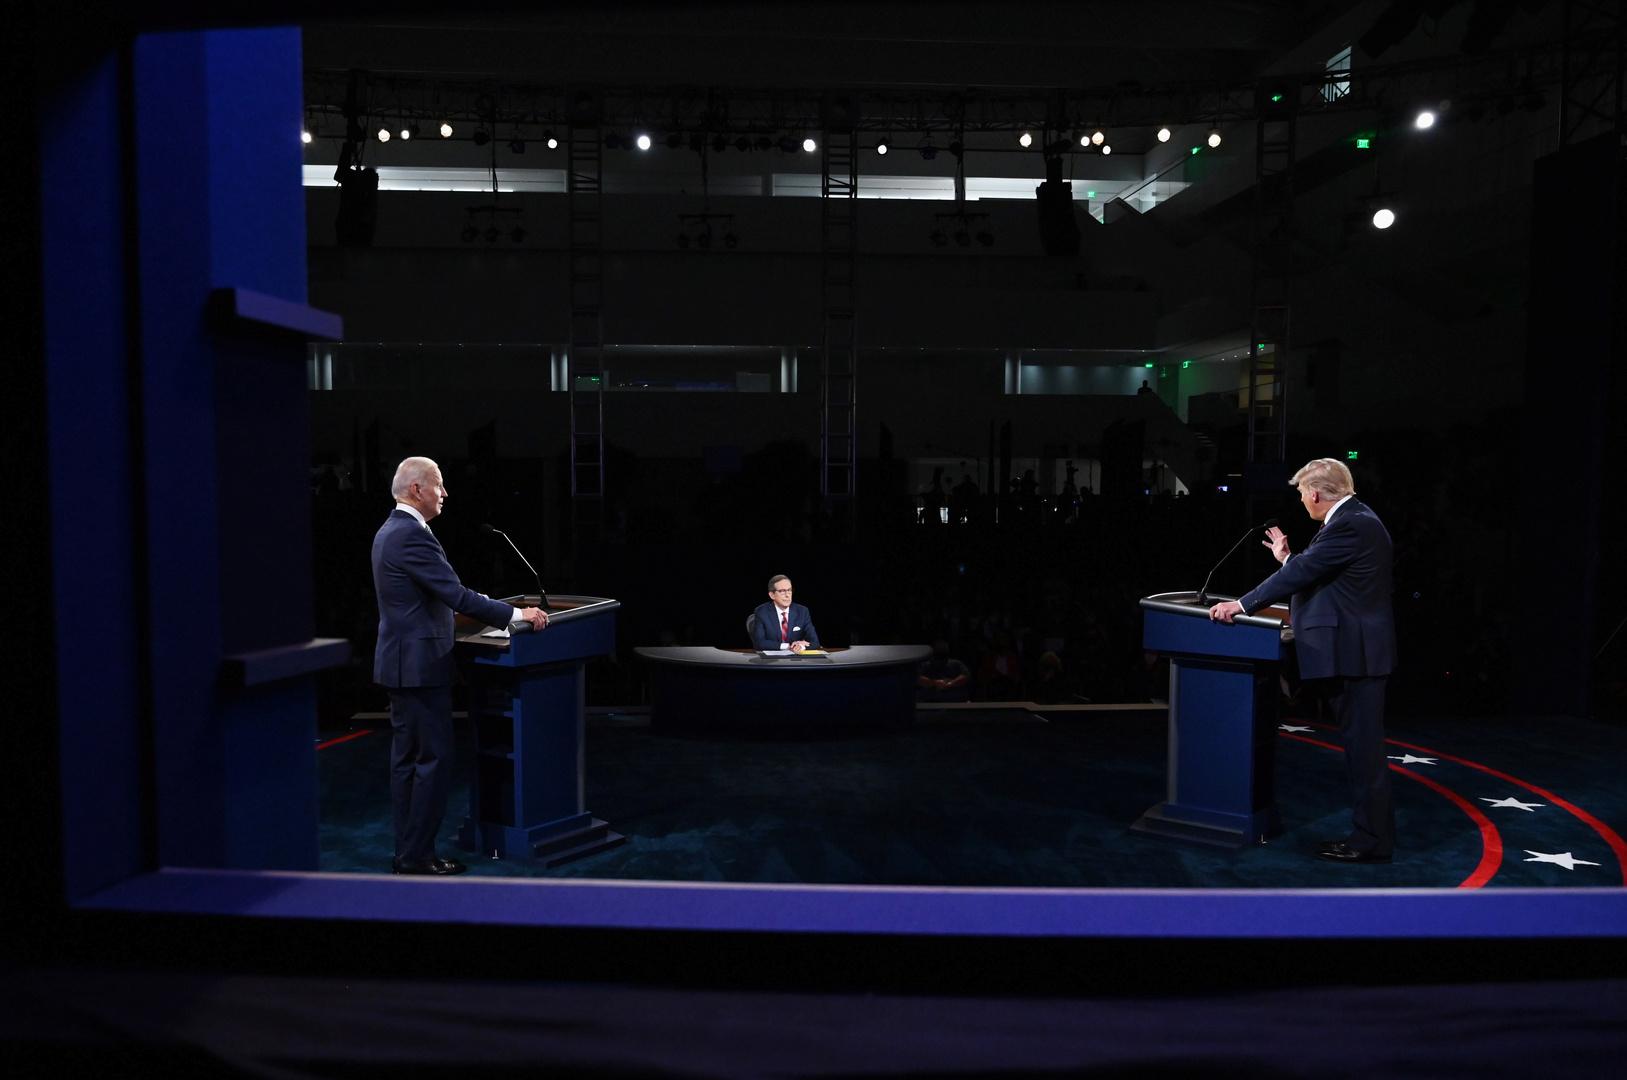 ترامب وبايدن في أول مناظرة.. اتهامات على المستوى الشخصي